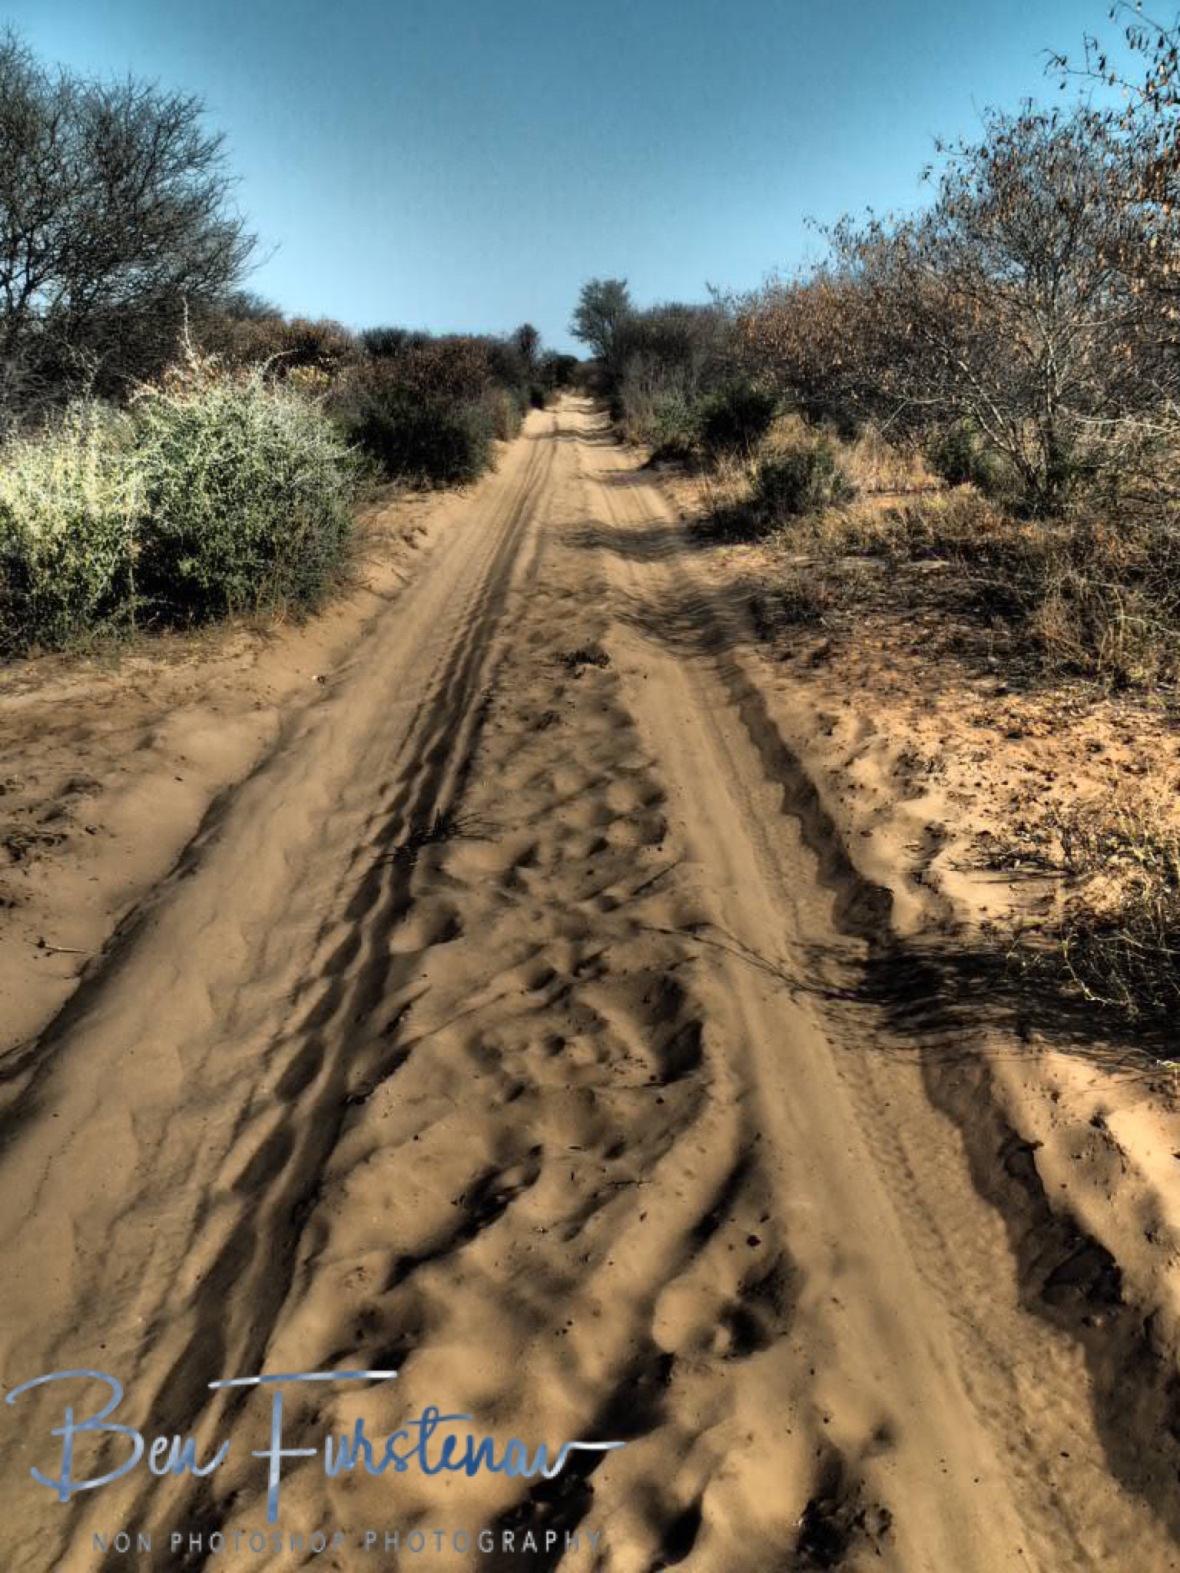 Straight in to the Kalahari desert, Botswana